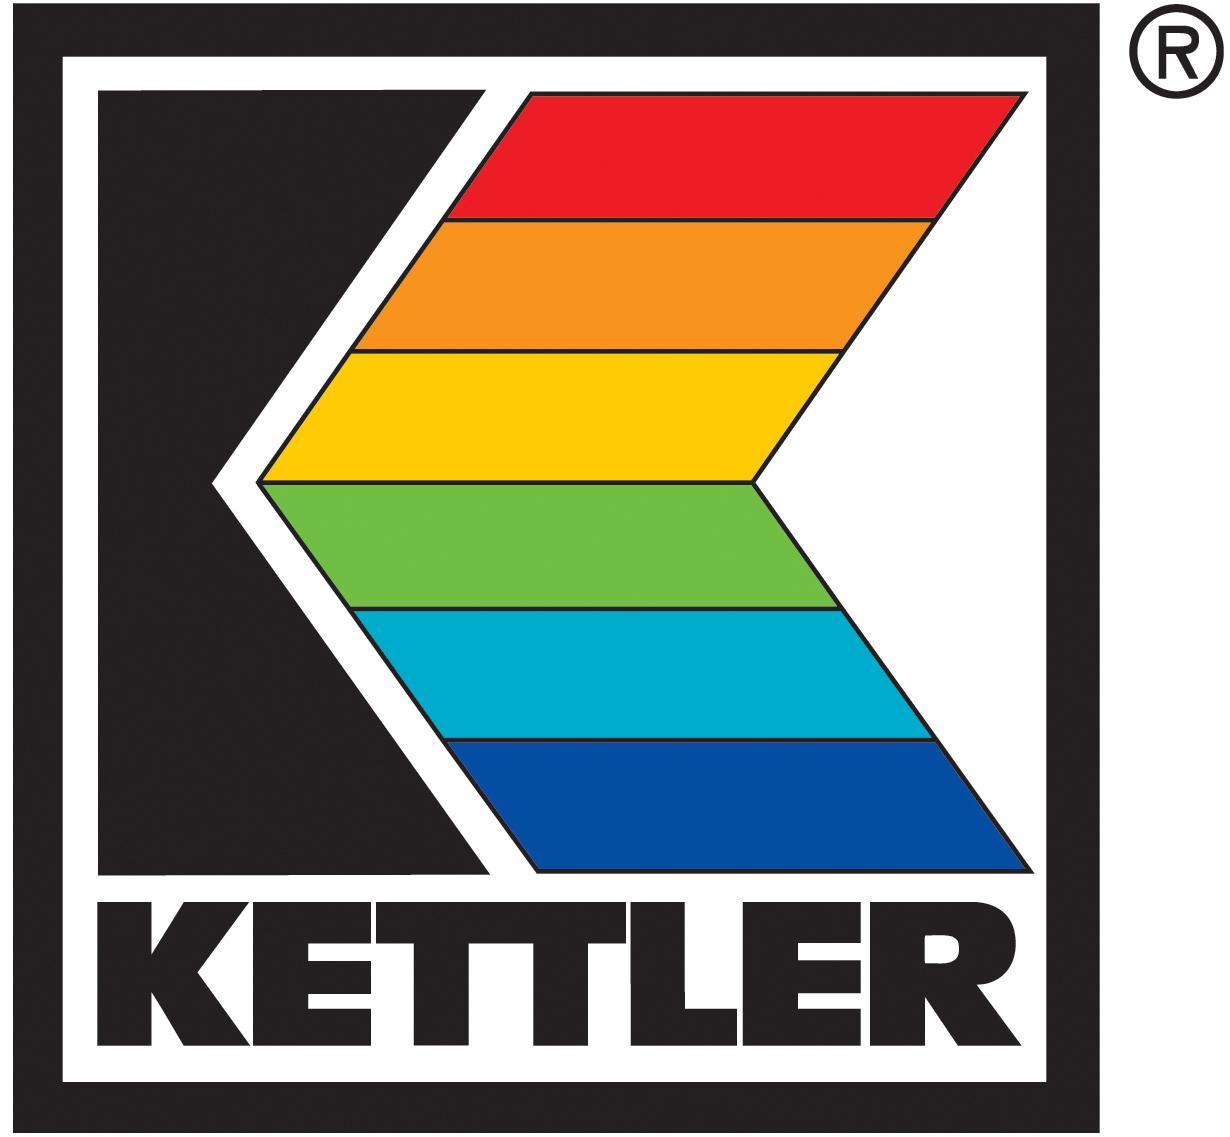 kettler_logo_4c_gross_rgb